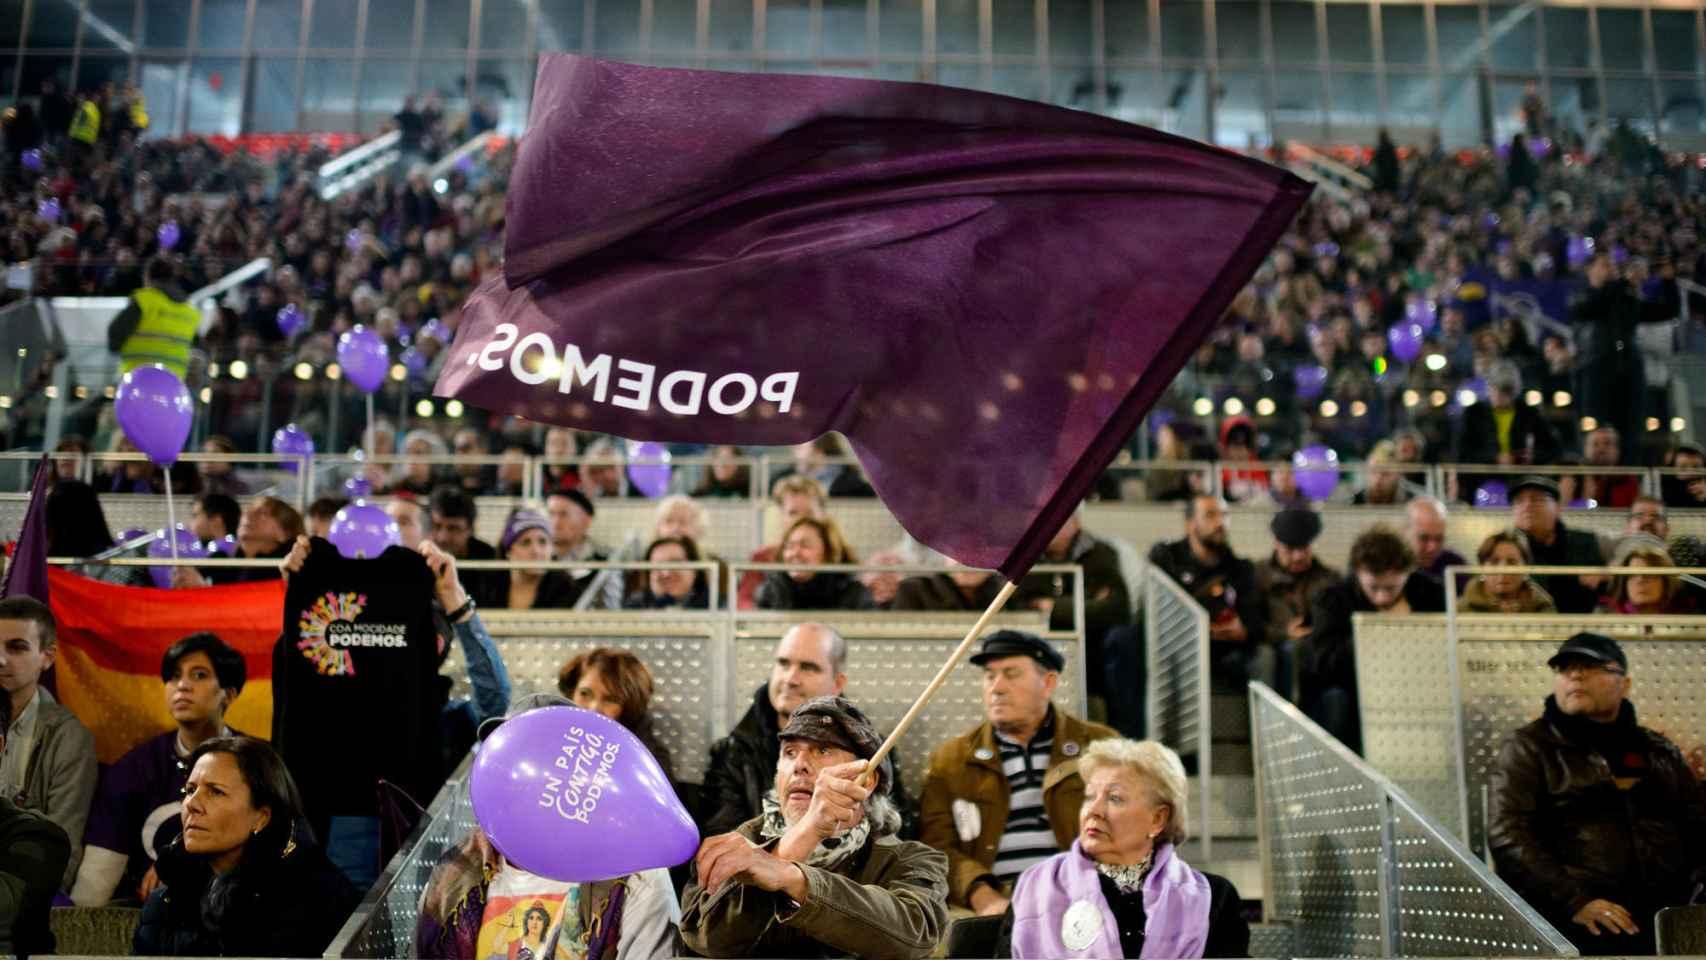 Simpatizantes de Podemos en la Caja Mágica